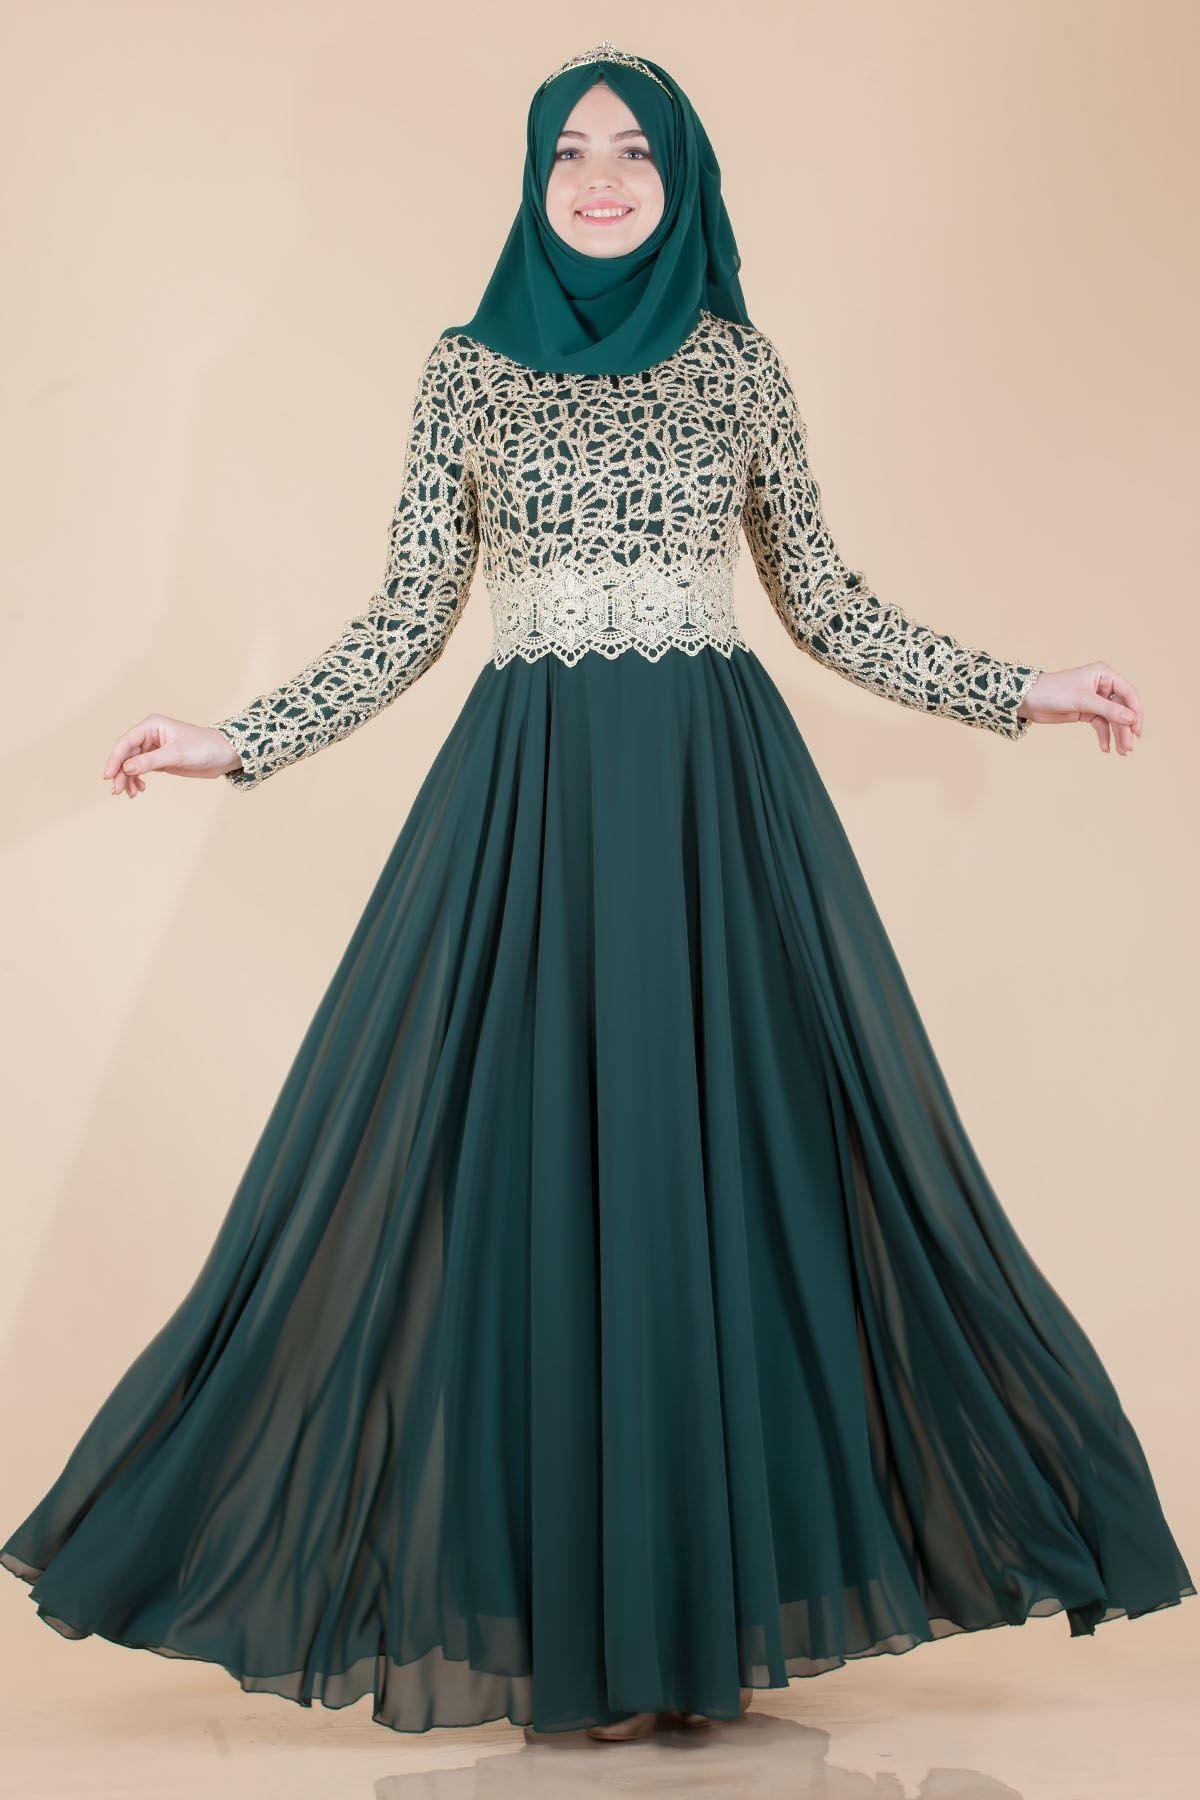 Zumrut Yesili Tesettur Dantelli Abiye Modelleri The Dress Aksamustu Giysileri Elbise